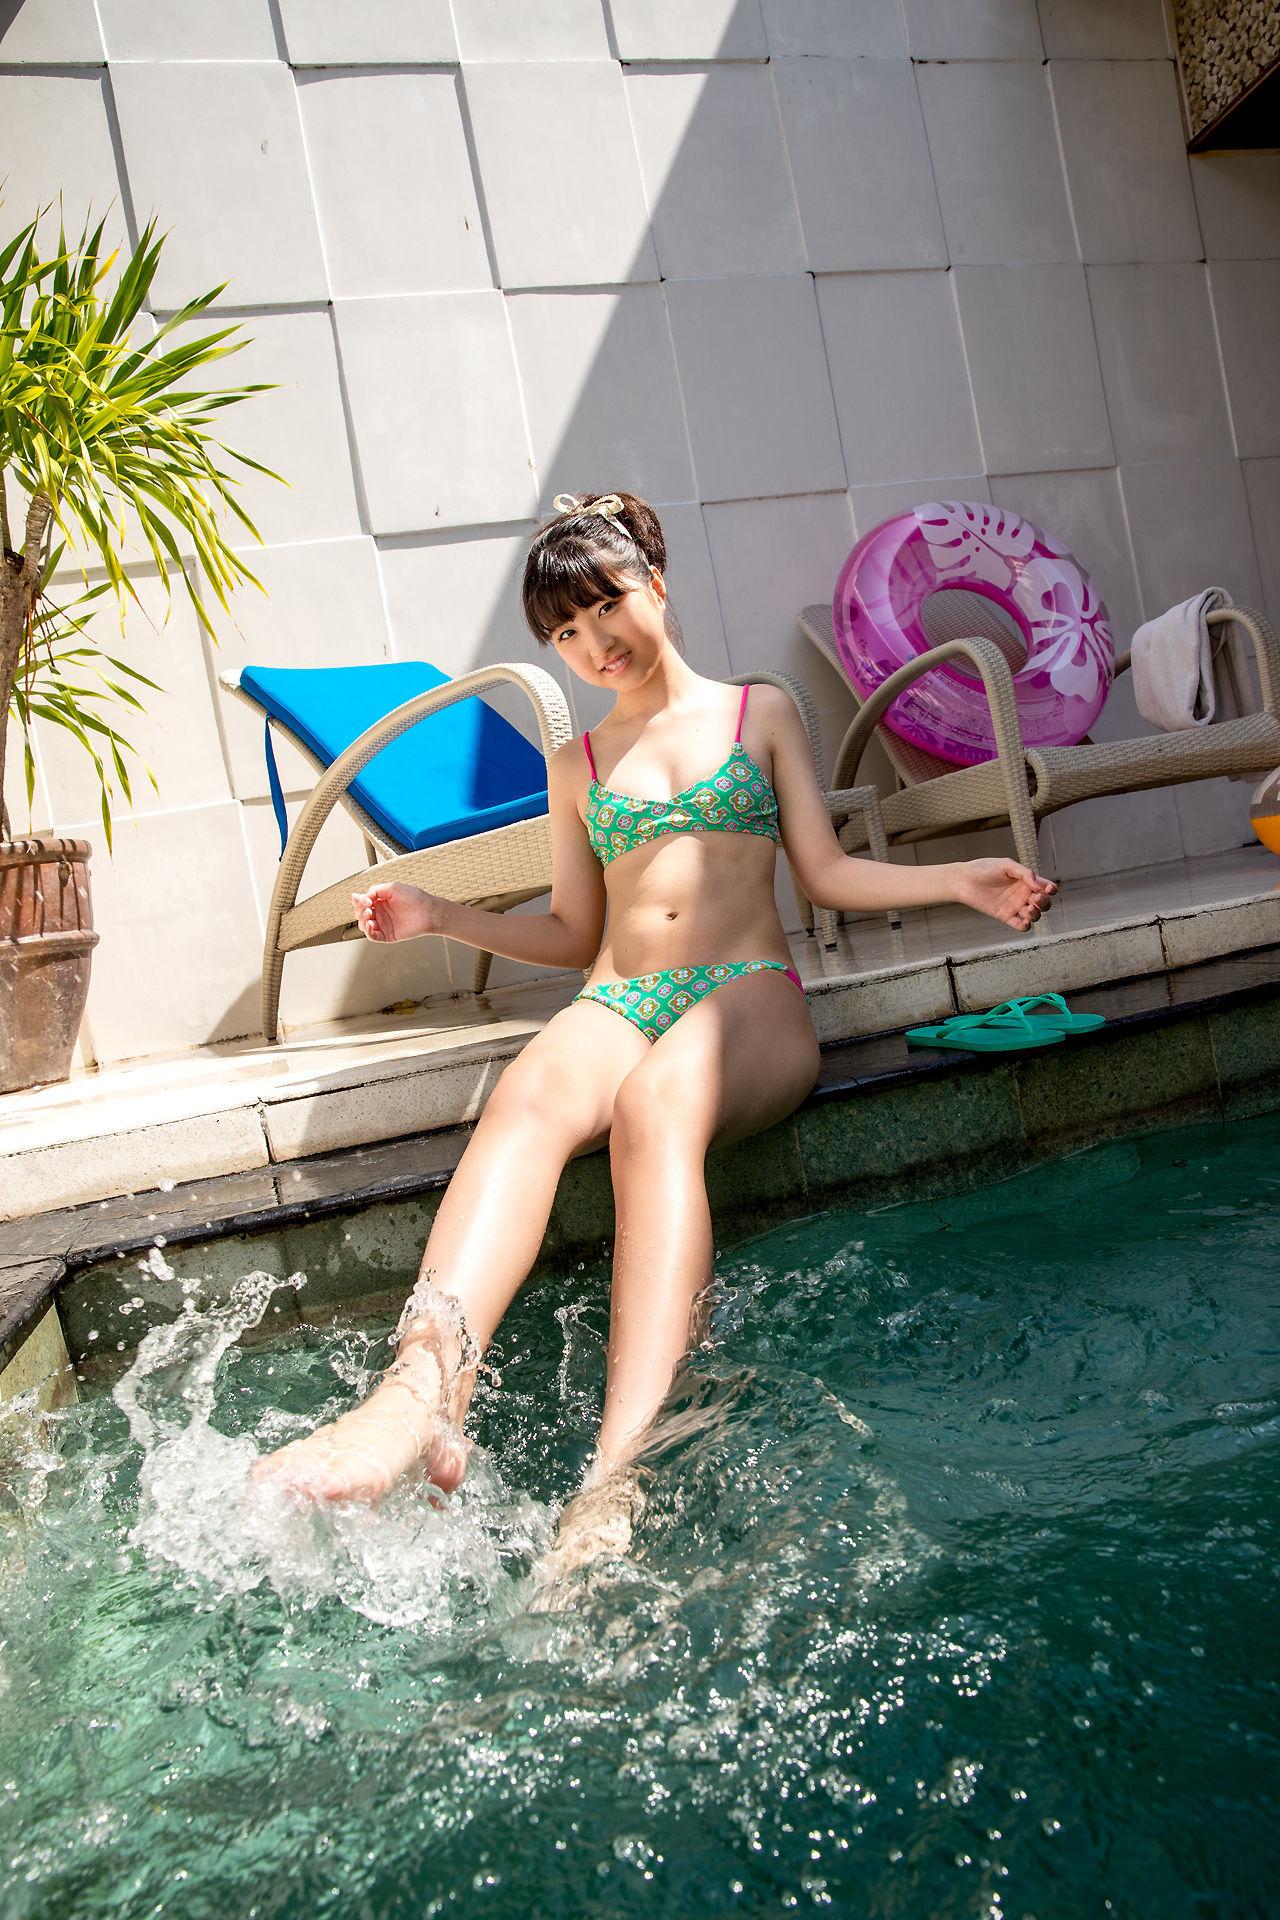 池田なぎさ - 超萌泳装写真套图